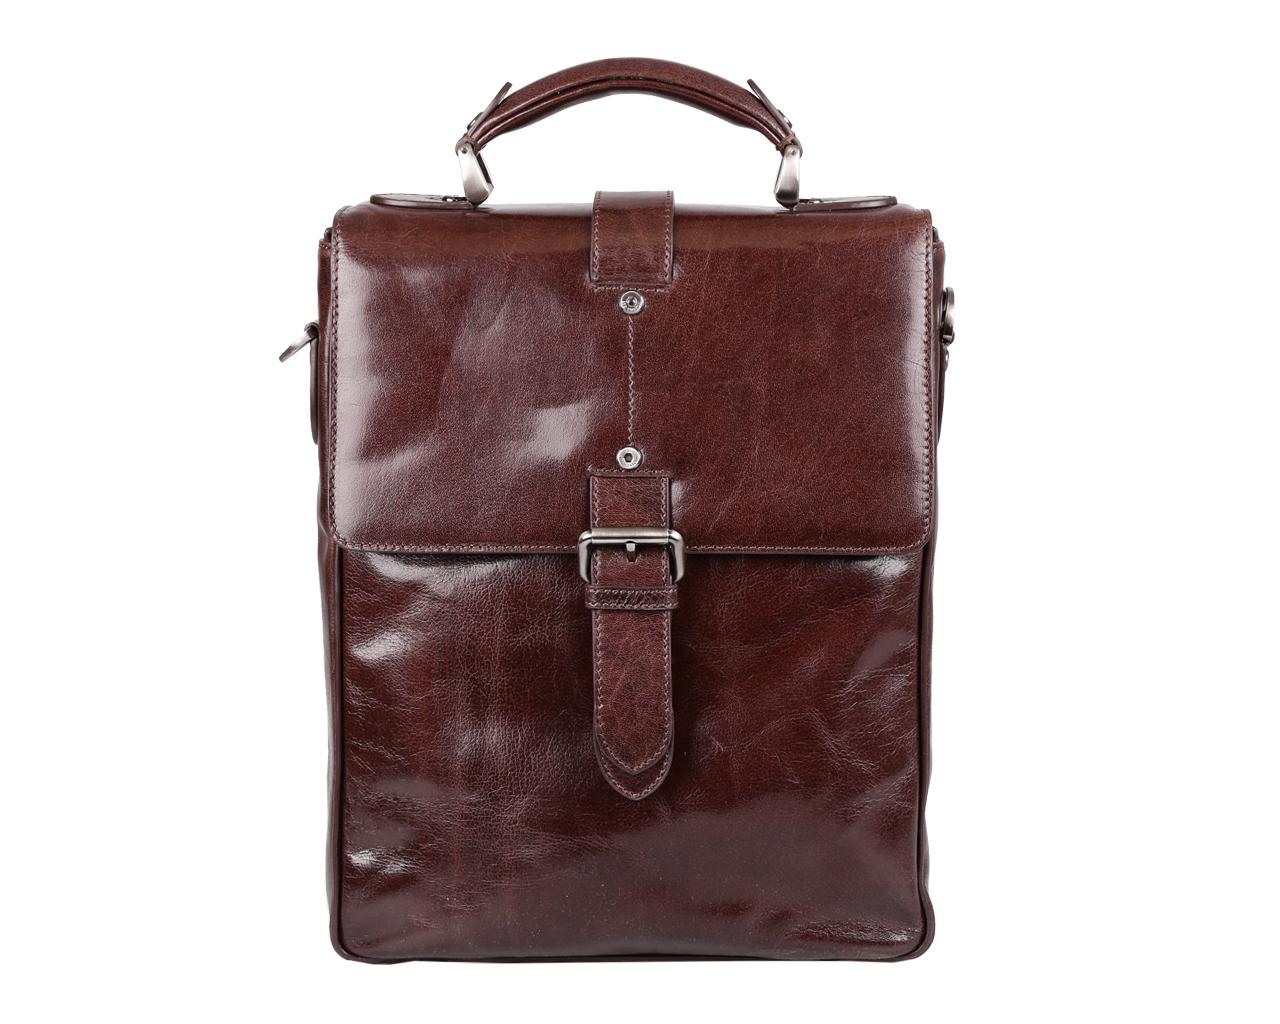 Сумка мужская Leo Ventoni, цвет: темно-коричневый. 03002320455-171286-231Стильная мужская сумка Leo Ventoni изготовлена из натуральной глянцевой кожи.Сумка завышенной формы, состоит из одного отделения и закрывается на клапан с замком-защелкой с ключом. Сумка содержит врезной карман на пластиковой молнии, нашивные кожаные кармашки для телефона, для мелочей и два держателя для шариковых ручек. Спереди под клапаном сумка оснащена дополнительным прорезным карманом. На задней стенке изделия врезной карман на молнии. Изделие оснащено съемным наплечным ремнем, длина которого регулируется. Сумка декорирована металлическими элементами с логотипом бренда и хлястиком с пряжкой. Прилагается текстильный фирменный чехол для хранения. Сумка Leo Ventoni поможет вам подчеркнуть чувство стиля и завершить выбранный образ.